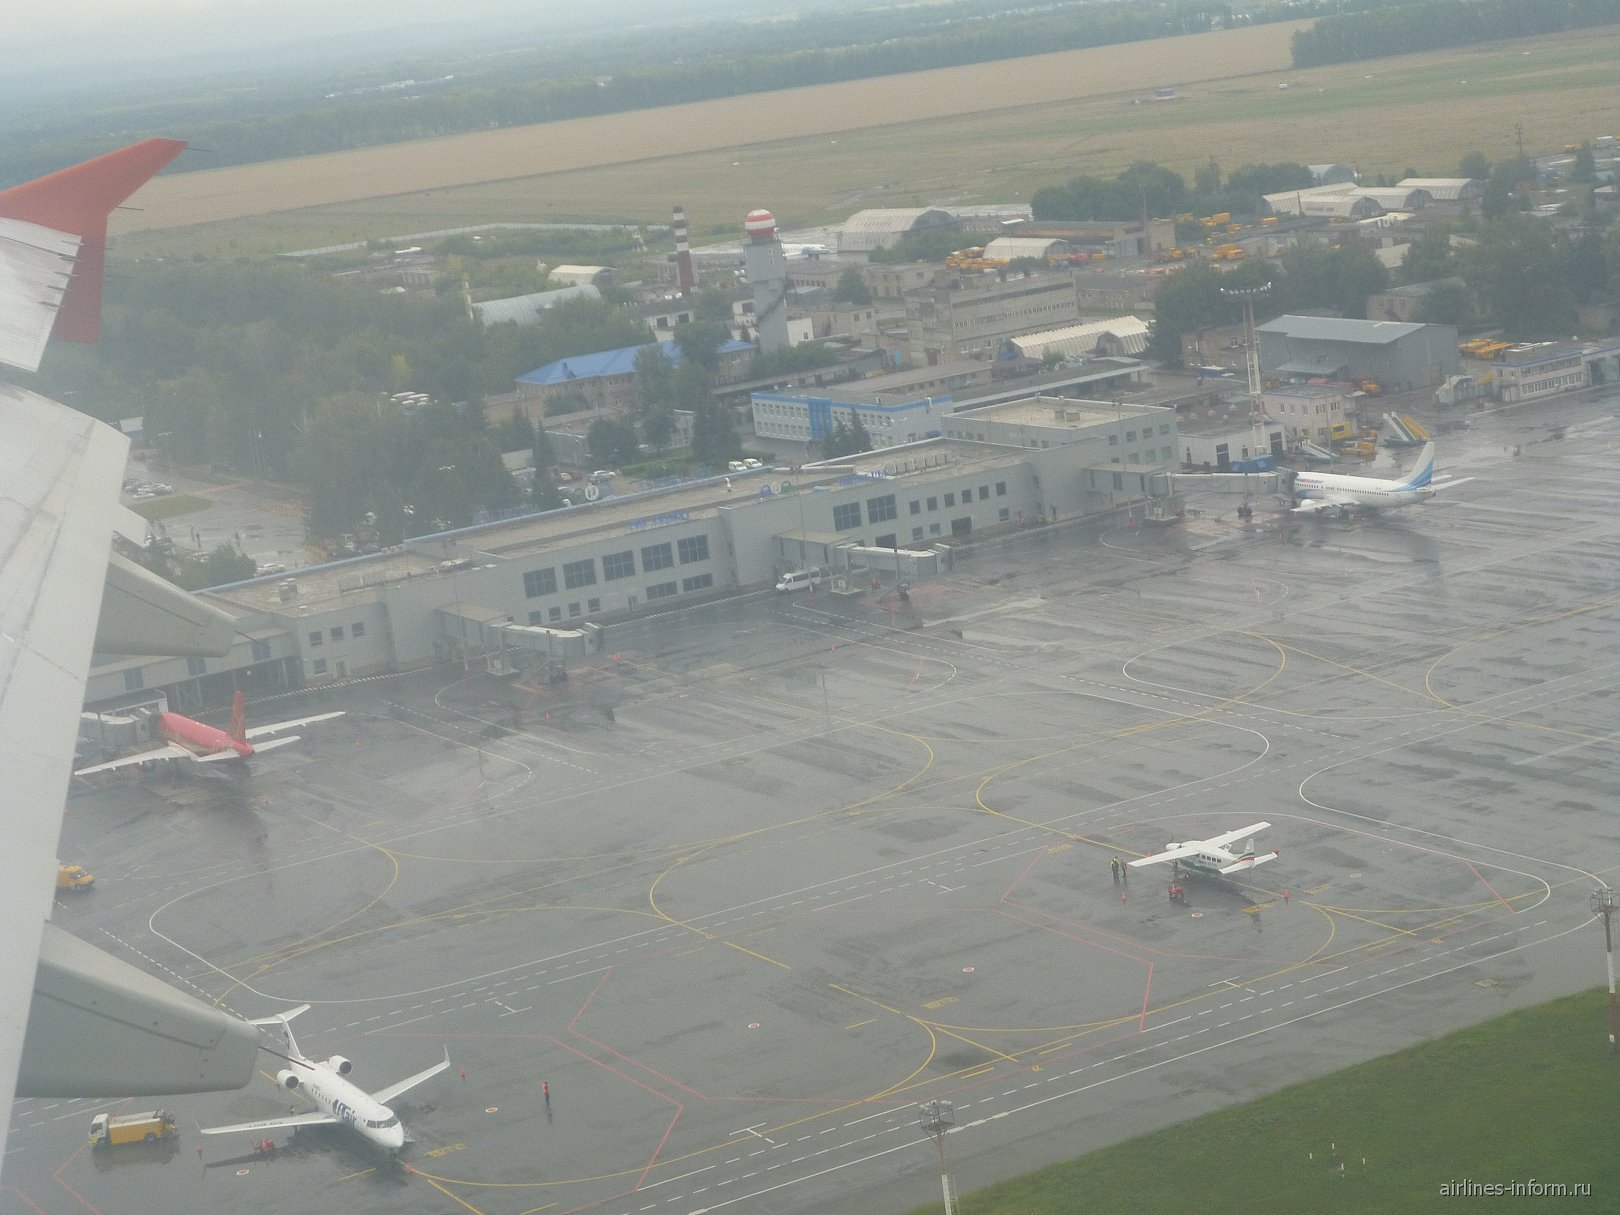 Вид на аэропорт Уфа при взлете